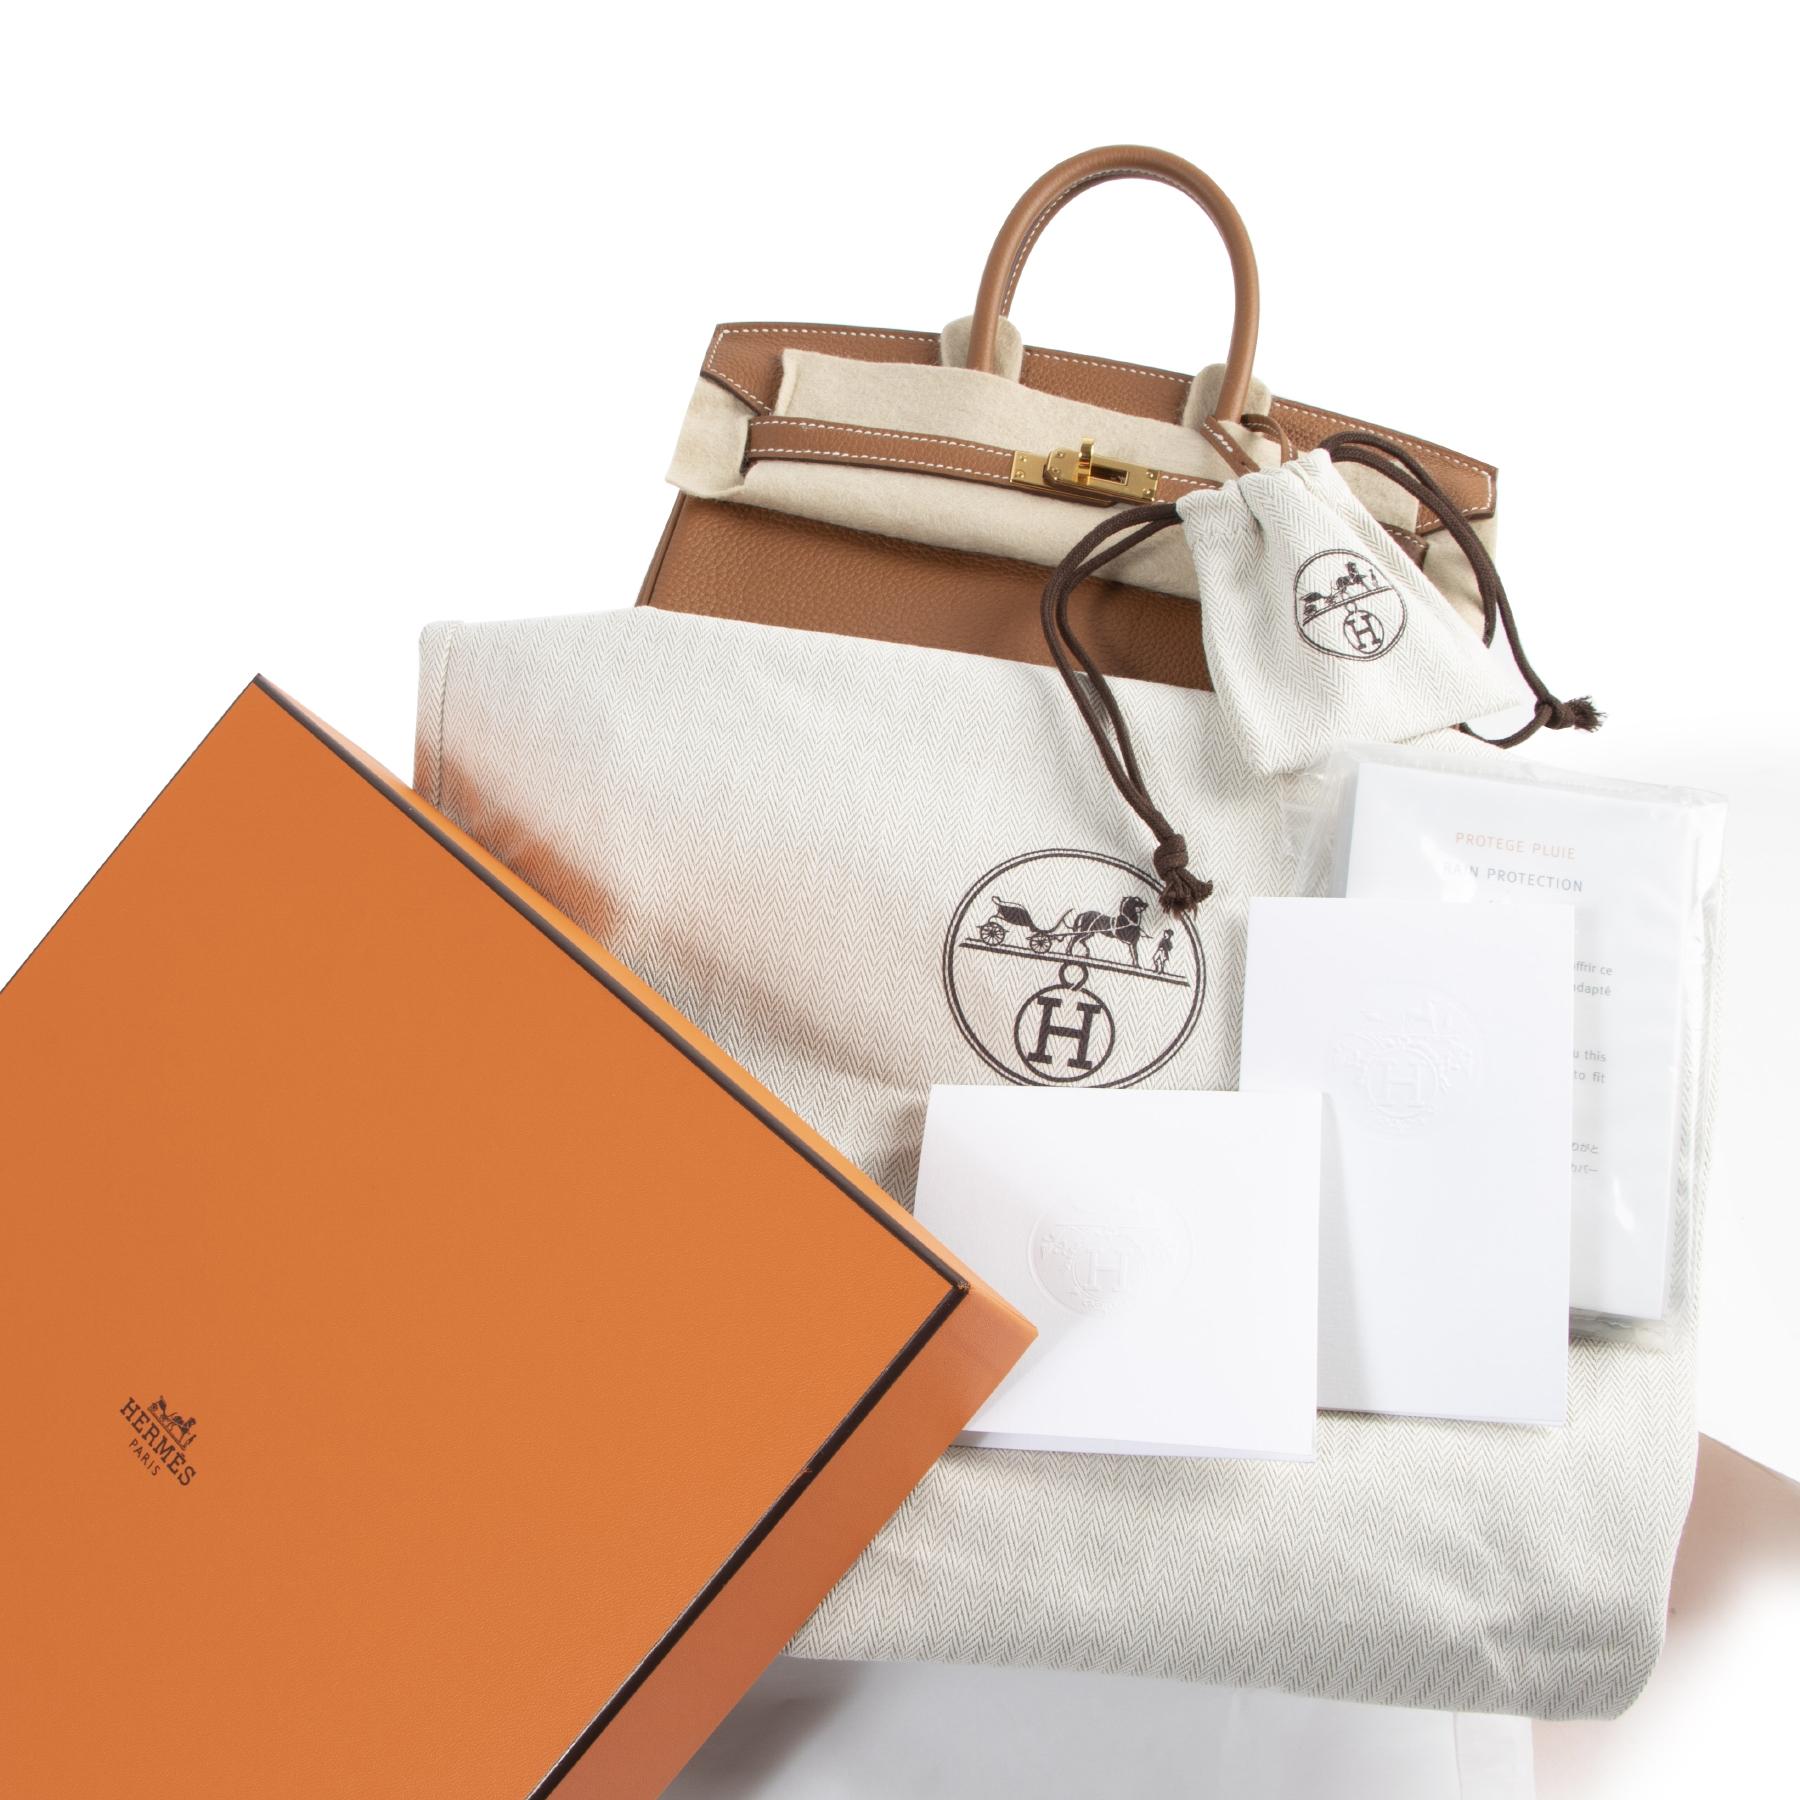 Hermès Birkin 25 Veau Togo Gold GHW